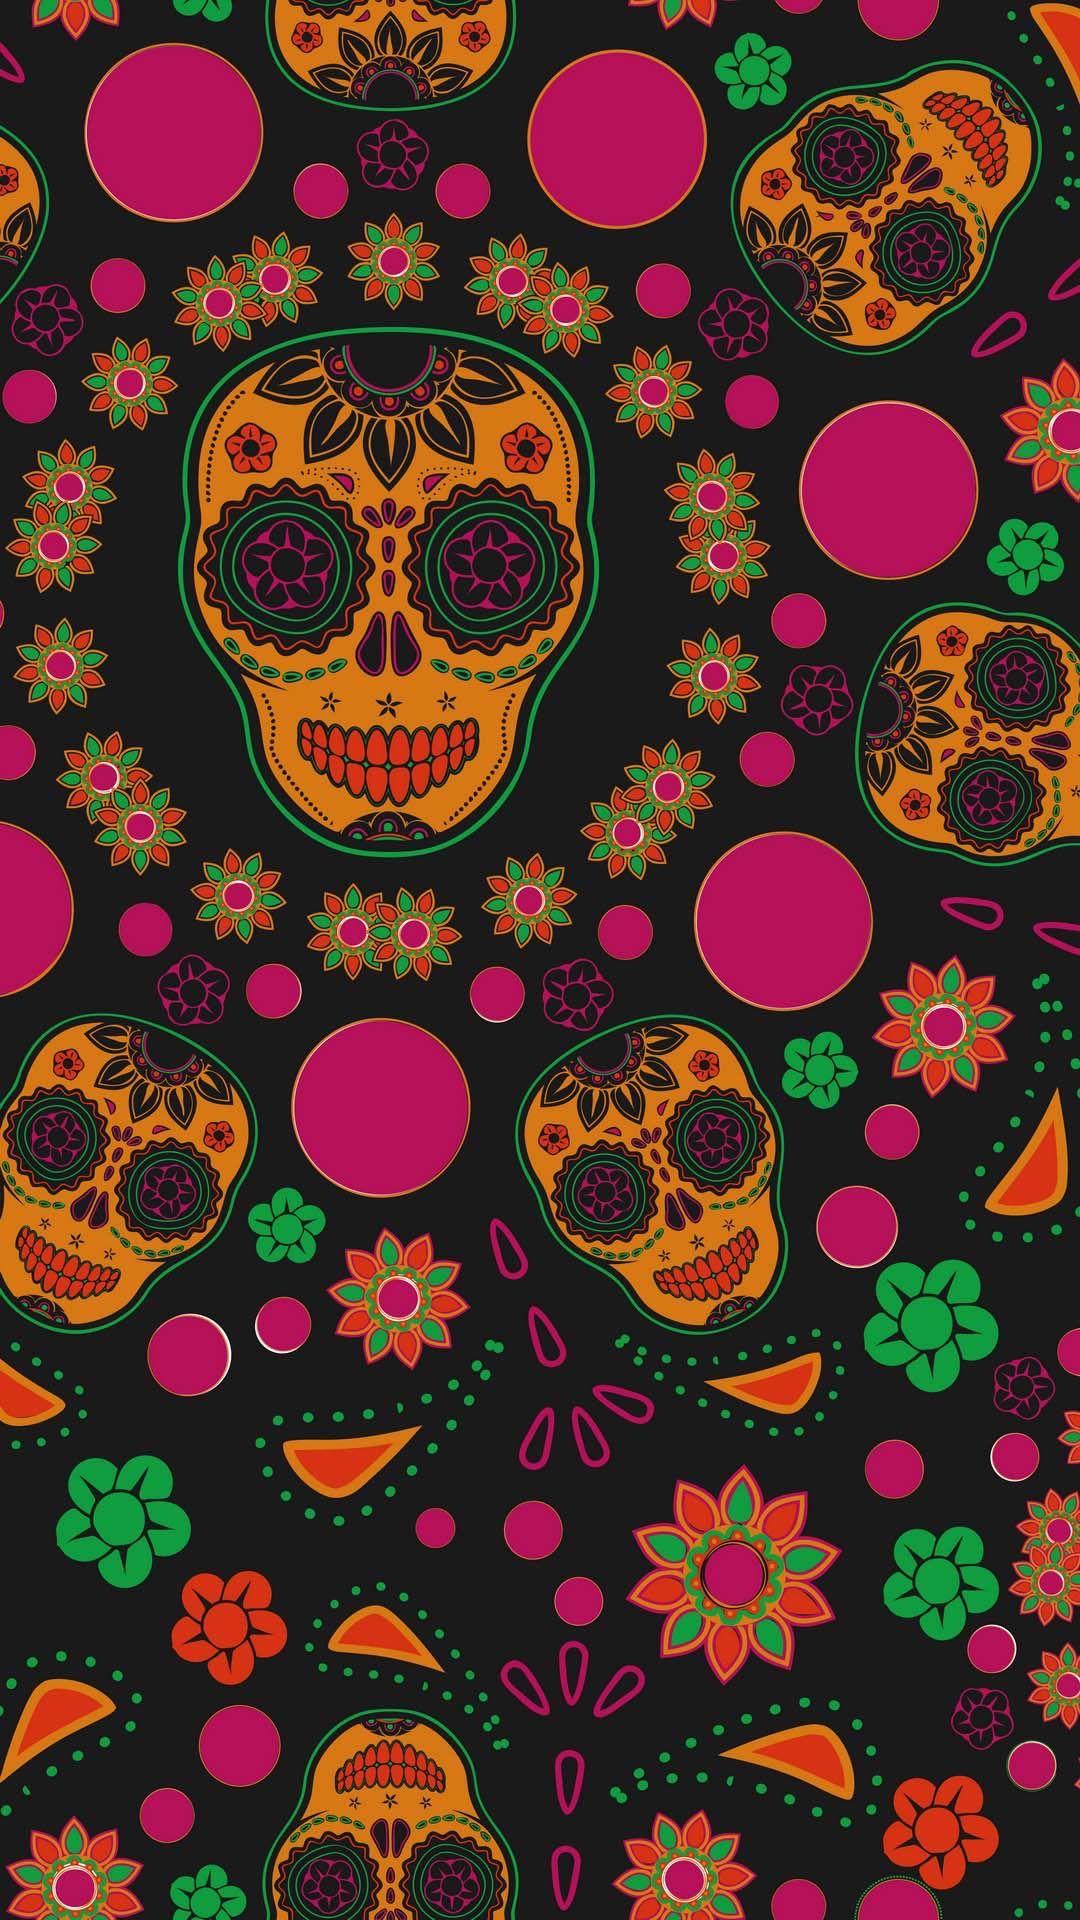 Popular Wallpaper Halloween Skull - 567f83a013d97f783b2031393a848f3c  You Should Have_481215.jpg